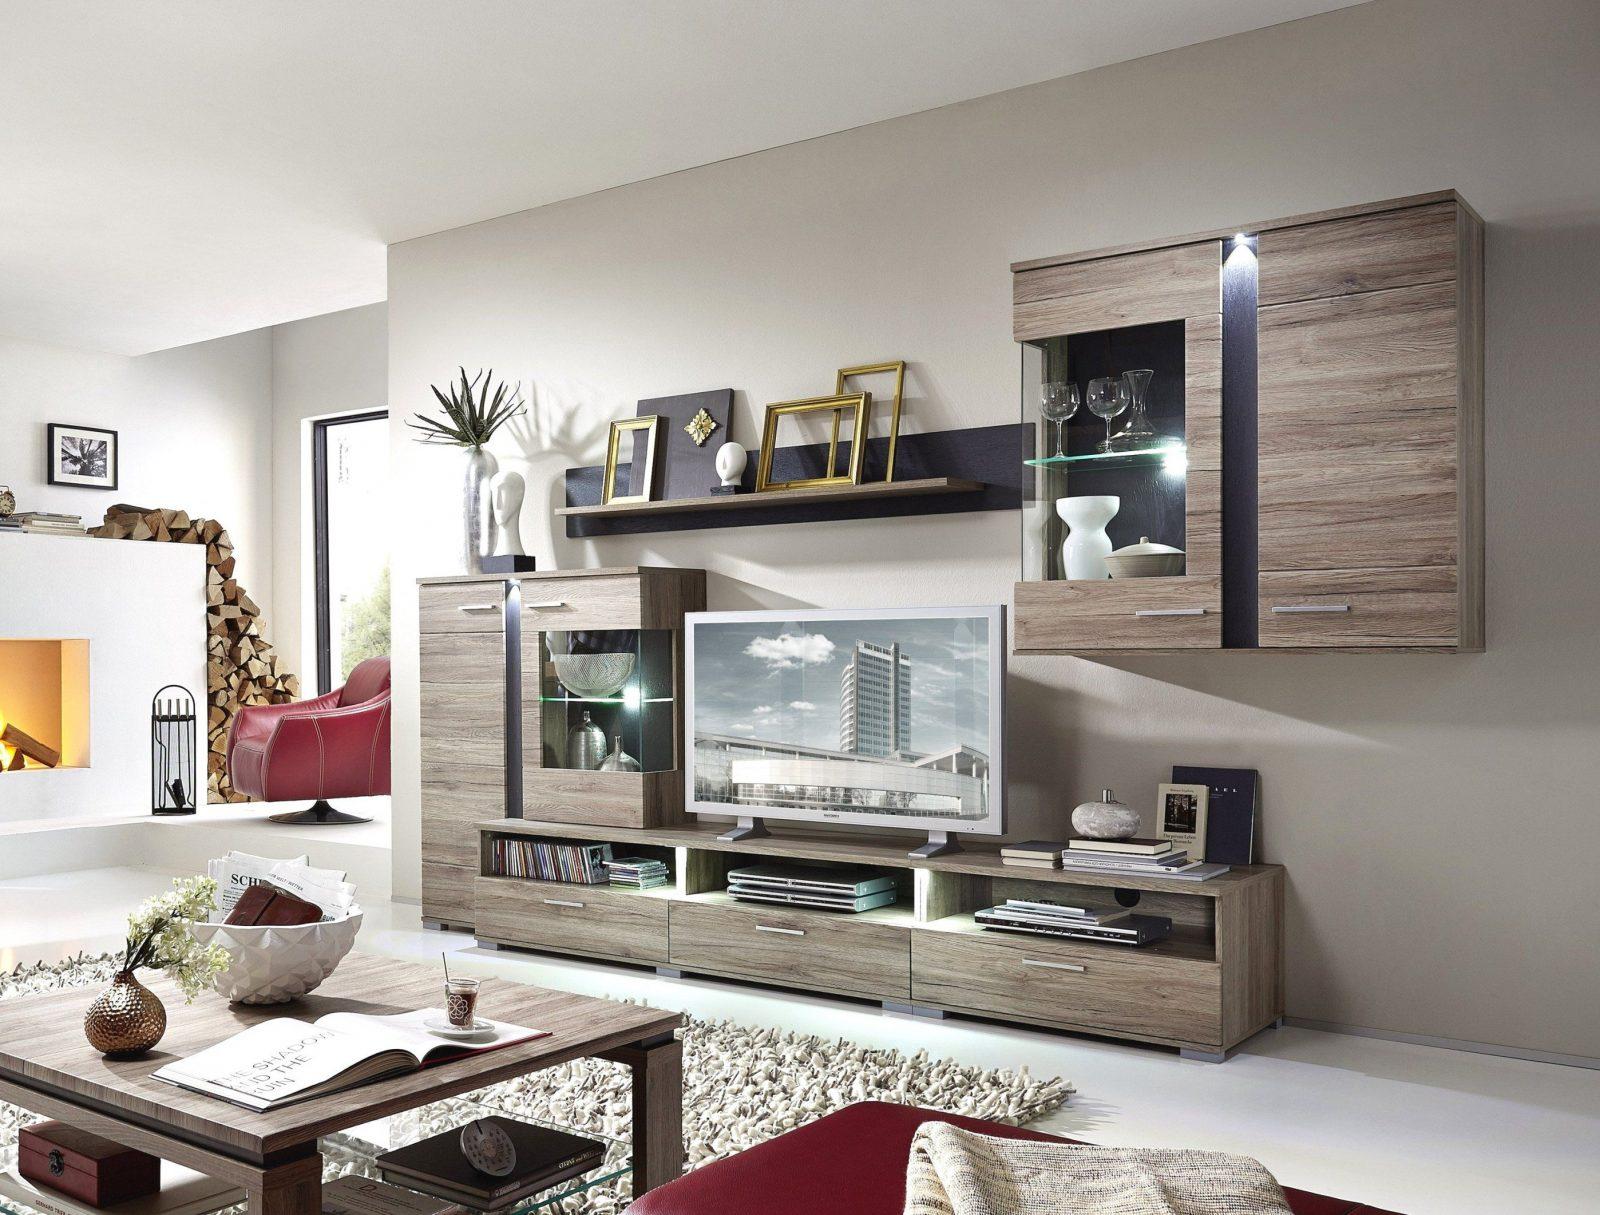 Farbe wohnzimmer braune mobel codecafe von wandfarbe for Braune wandfarbe wohnzimmer